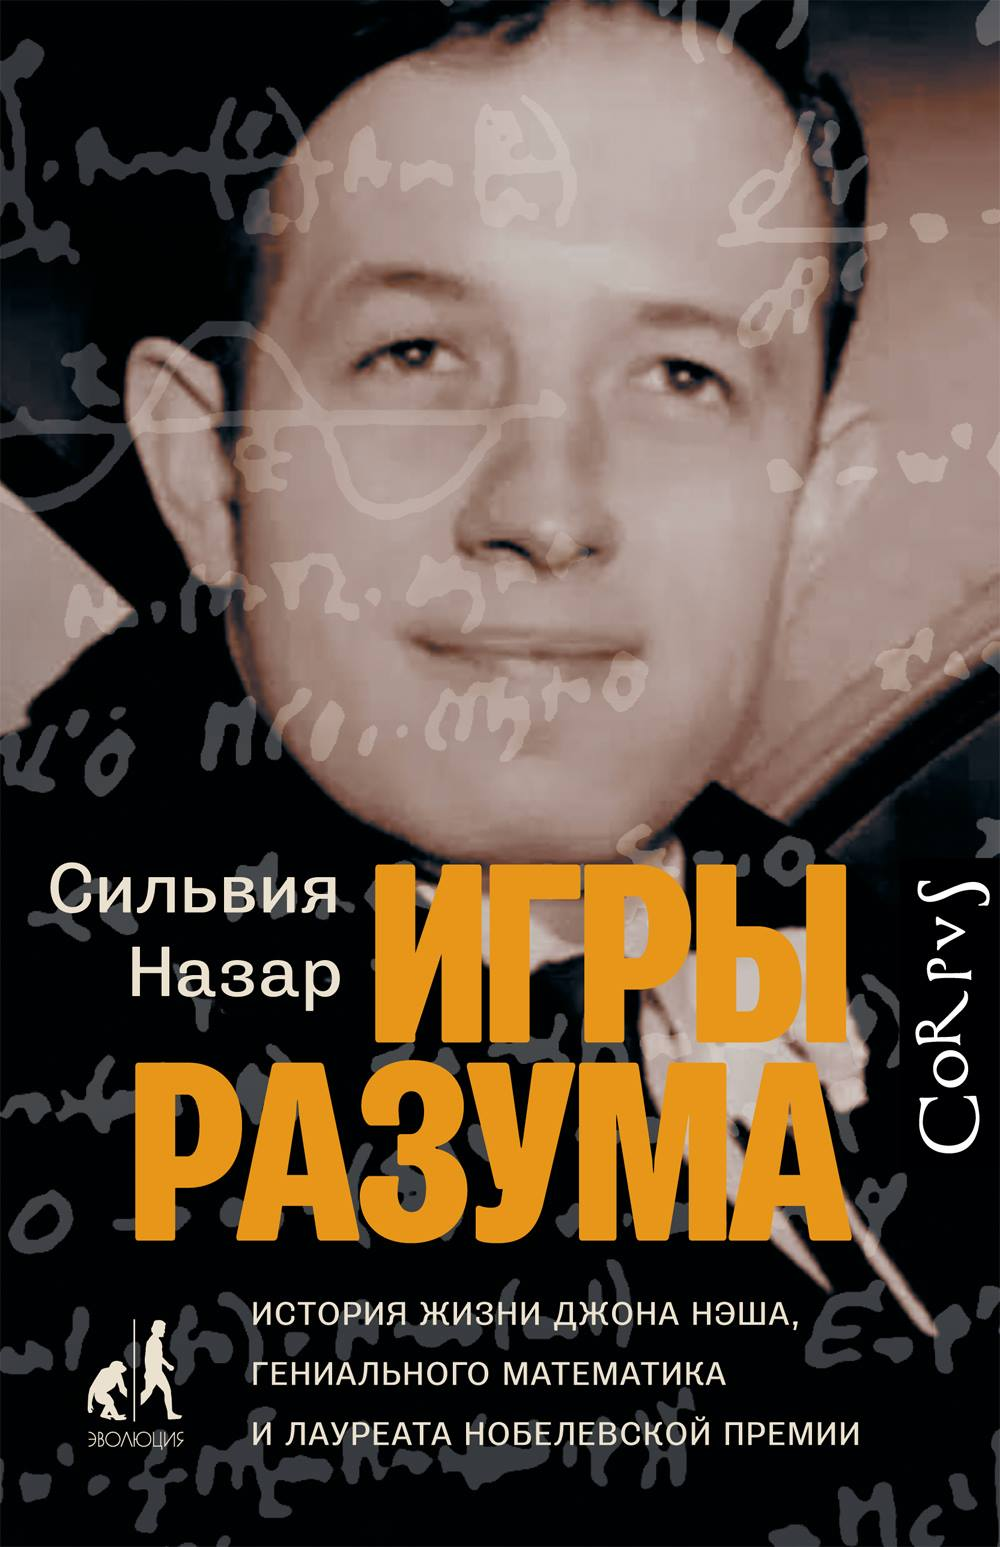 Игры разума. История жизни Джона Нэша, гениального математика и лауреата Нобелевской премии